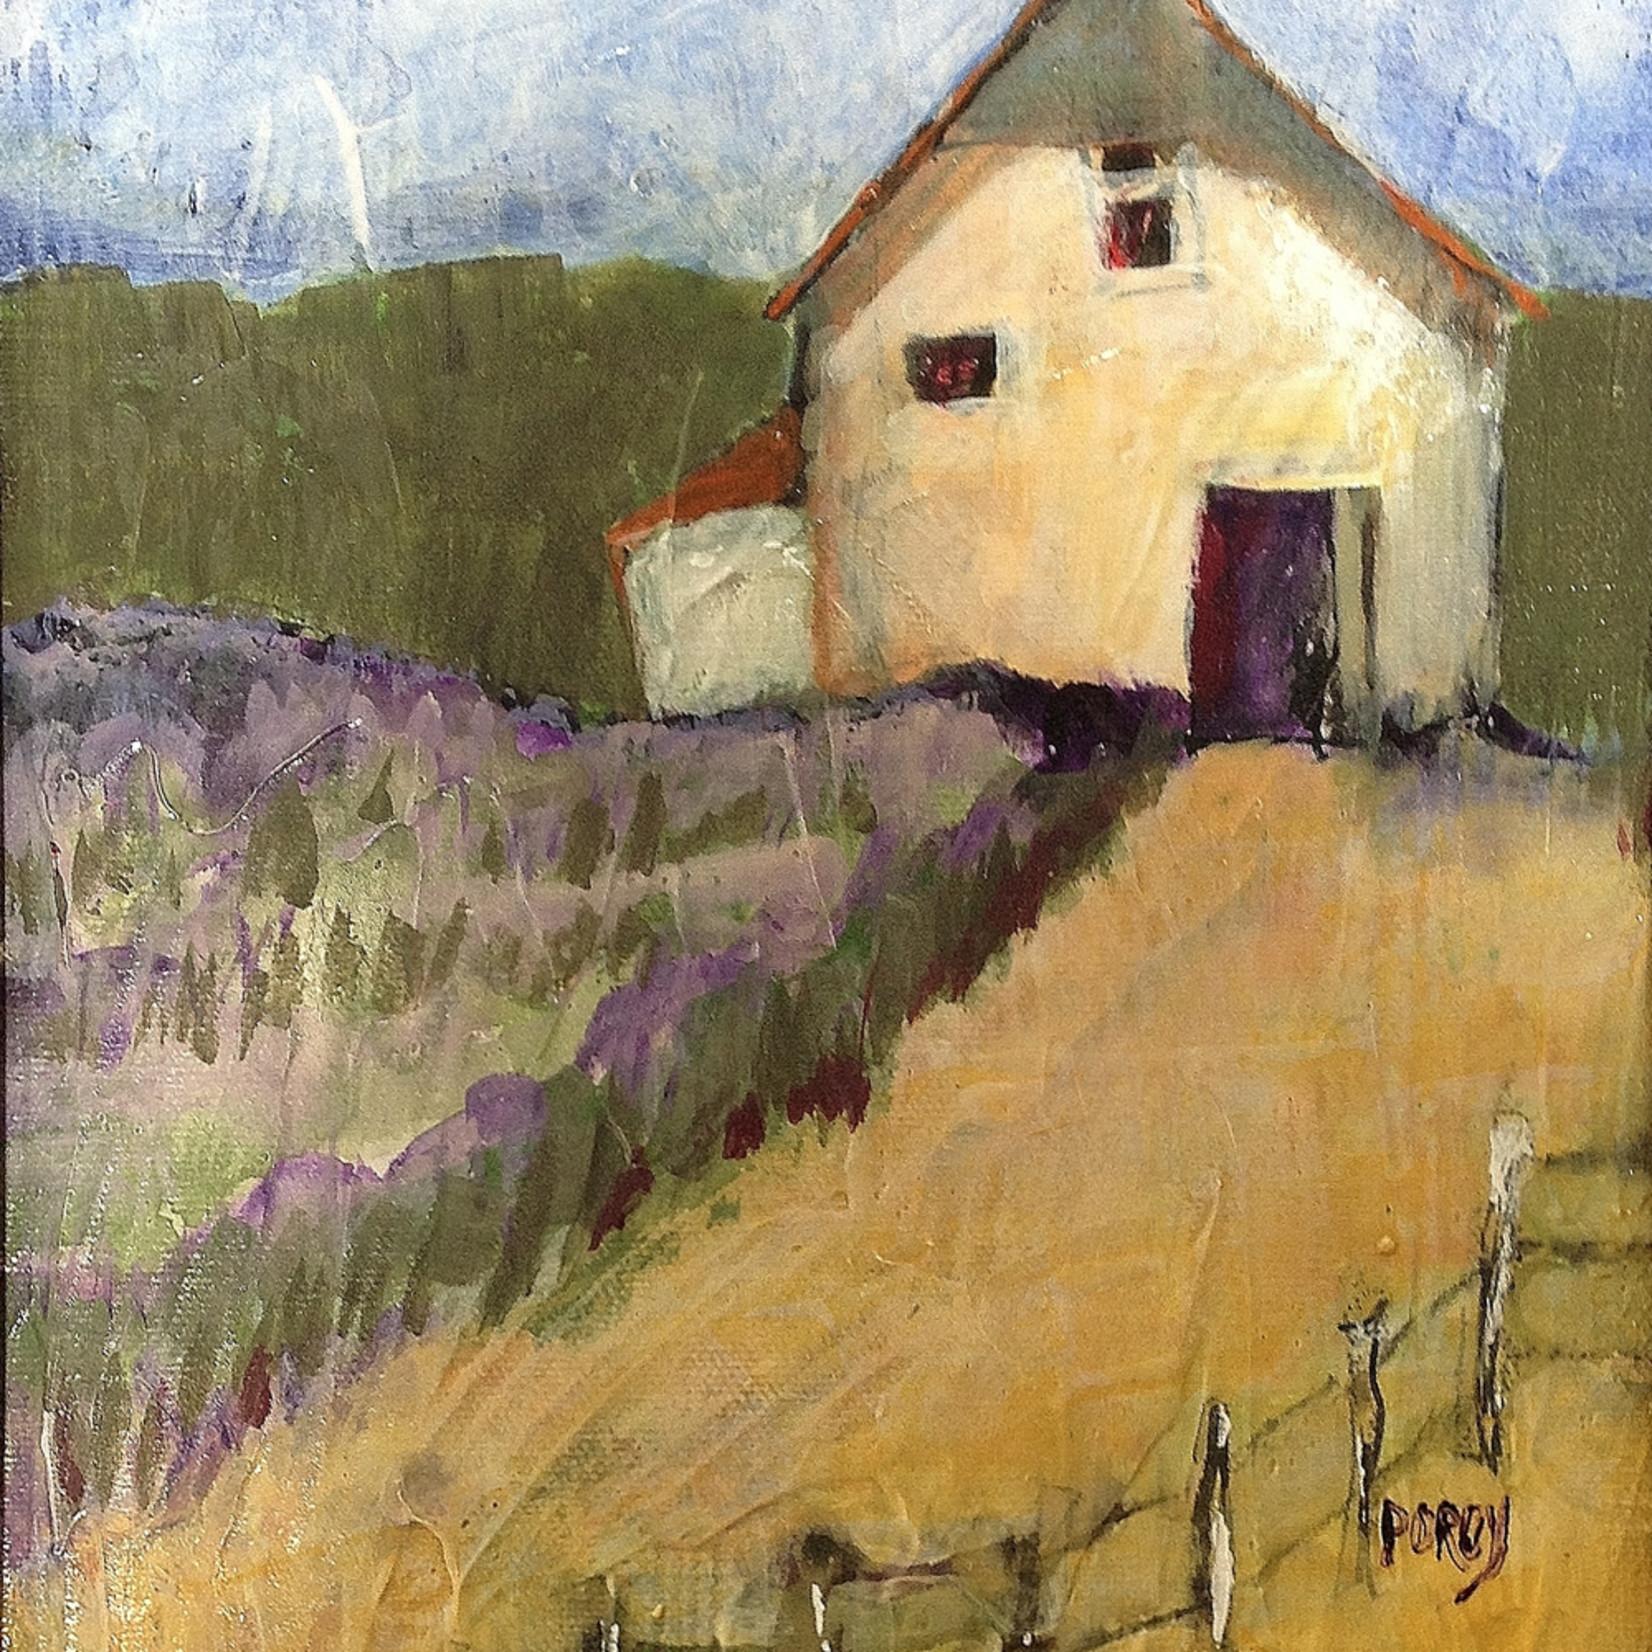 Lavender homestead u3hmhv